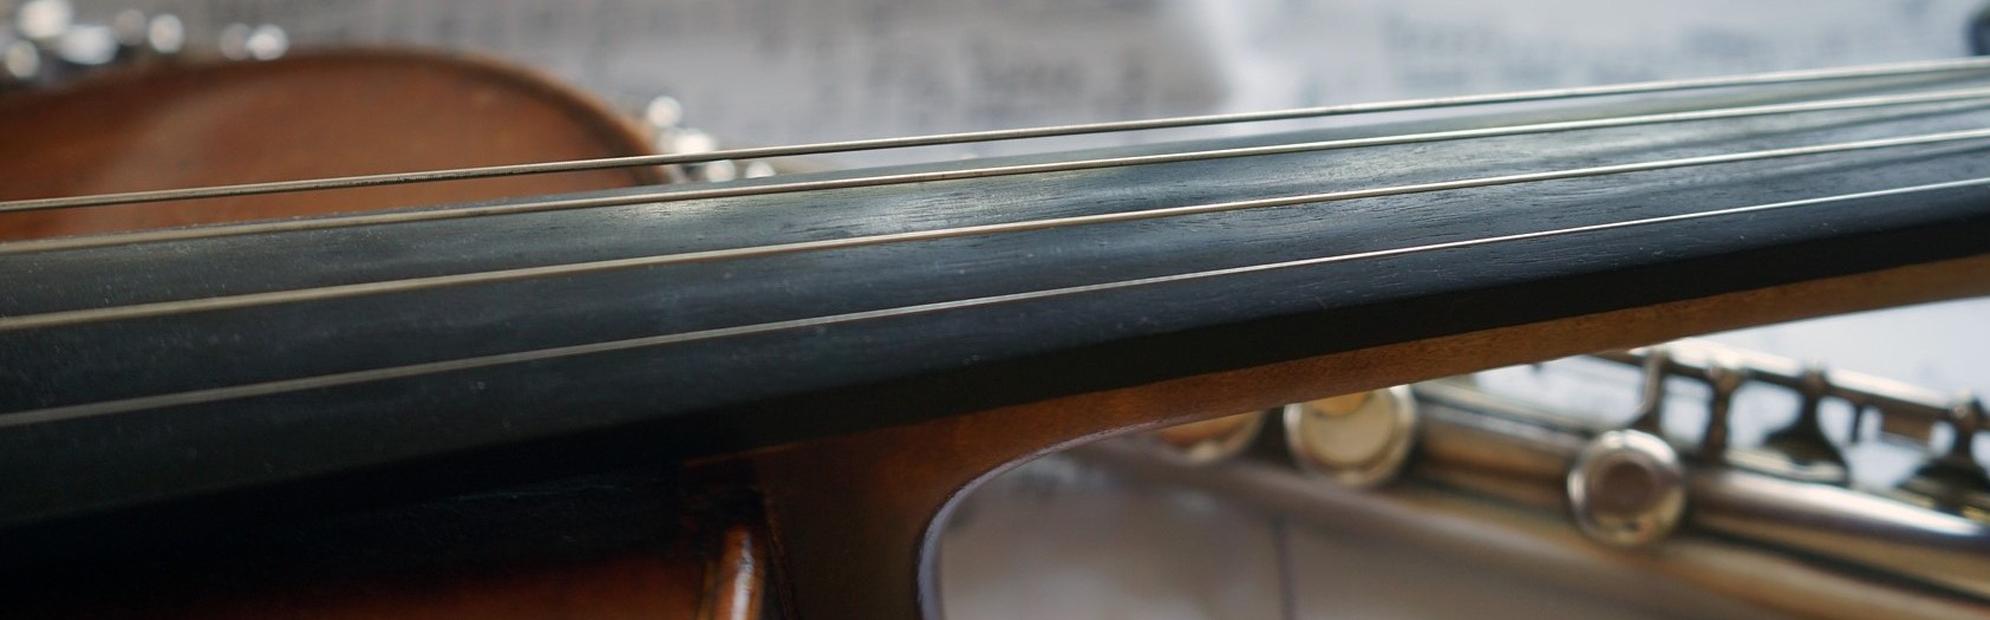 violin-3621667_1920-1